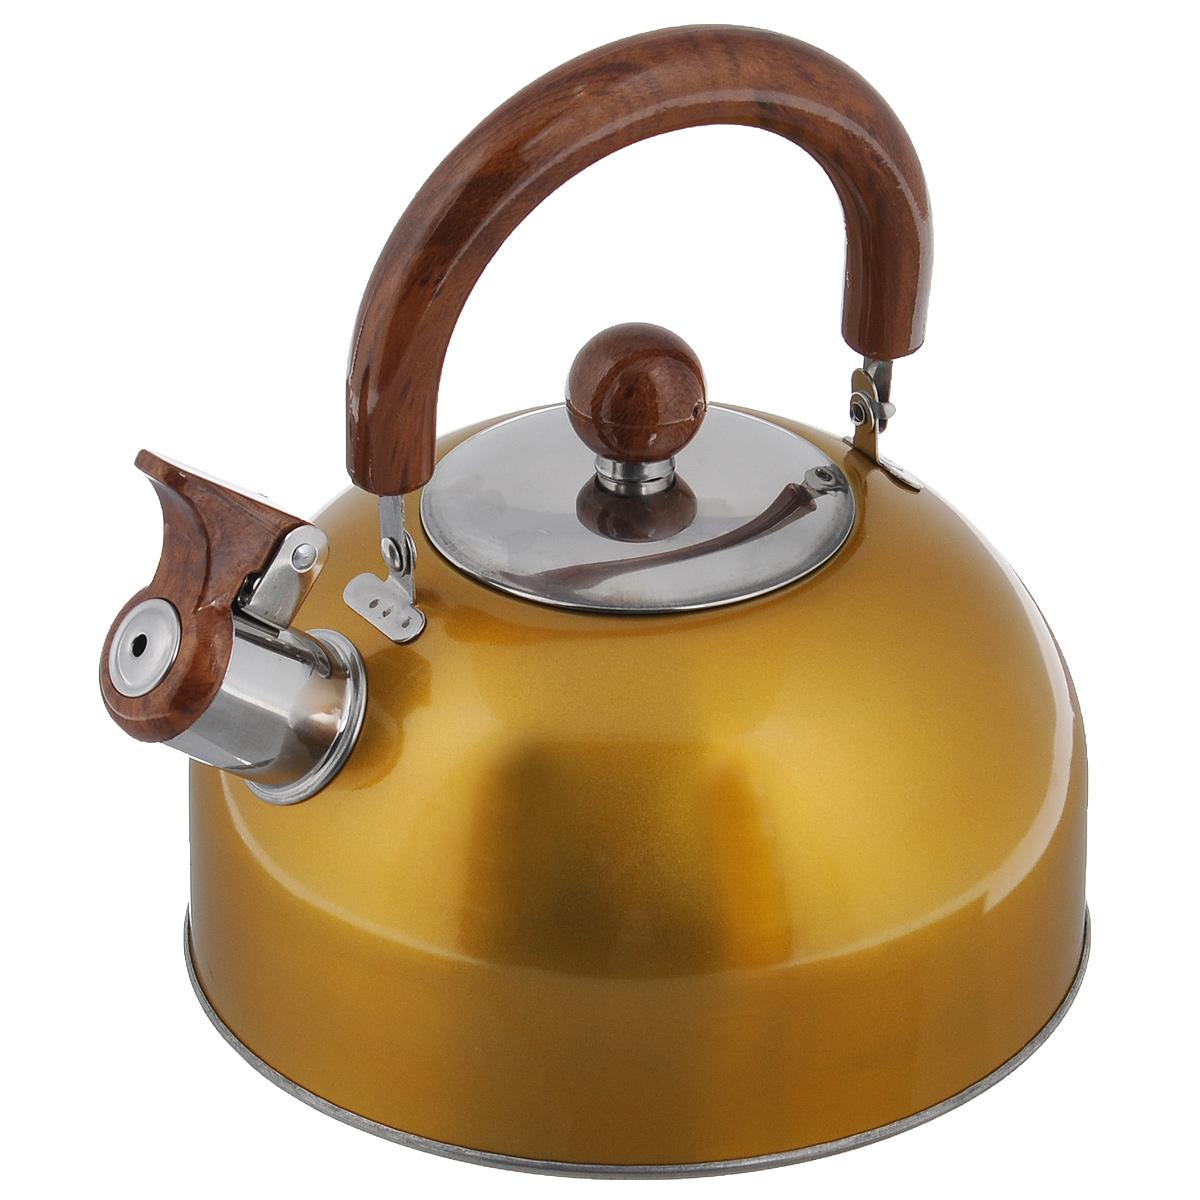 Чайник Mayer & Boch Modern со свистком, цвет: желтый, 2 л. МВ-3226МВ-3226Чайник Mayer & Boch Modern изготовлен из высококачественной нержавеющей стали. Гладкая и ровная поверхность существенно облегчает уход. Чайник оснащен удобной нейлоновой ручкой, которая не нагревается даже при продолжительном периоде нагрева воды. Носик чайника имеет насадку-свисток, что позволит вам контролировать процесс подогрева или кипячения воды. Выполненный из качественных материалов чайник Mayer & Boch Modern при кипячении сохраняет все полезные свойства воды.Чайник пригоден для использования на всех типах плит, кроме индукционных. Можно мыть в посудомоечной машине. Диаметр чайника по верхнему краю: 8,5 см. Диаметр основания: 19 см. Высота чайника (без учета ручки и крышки): 10 см.